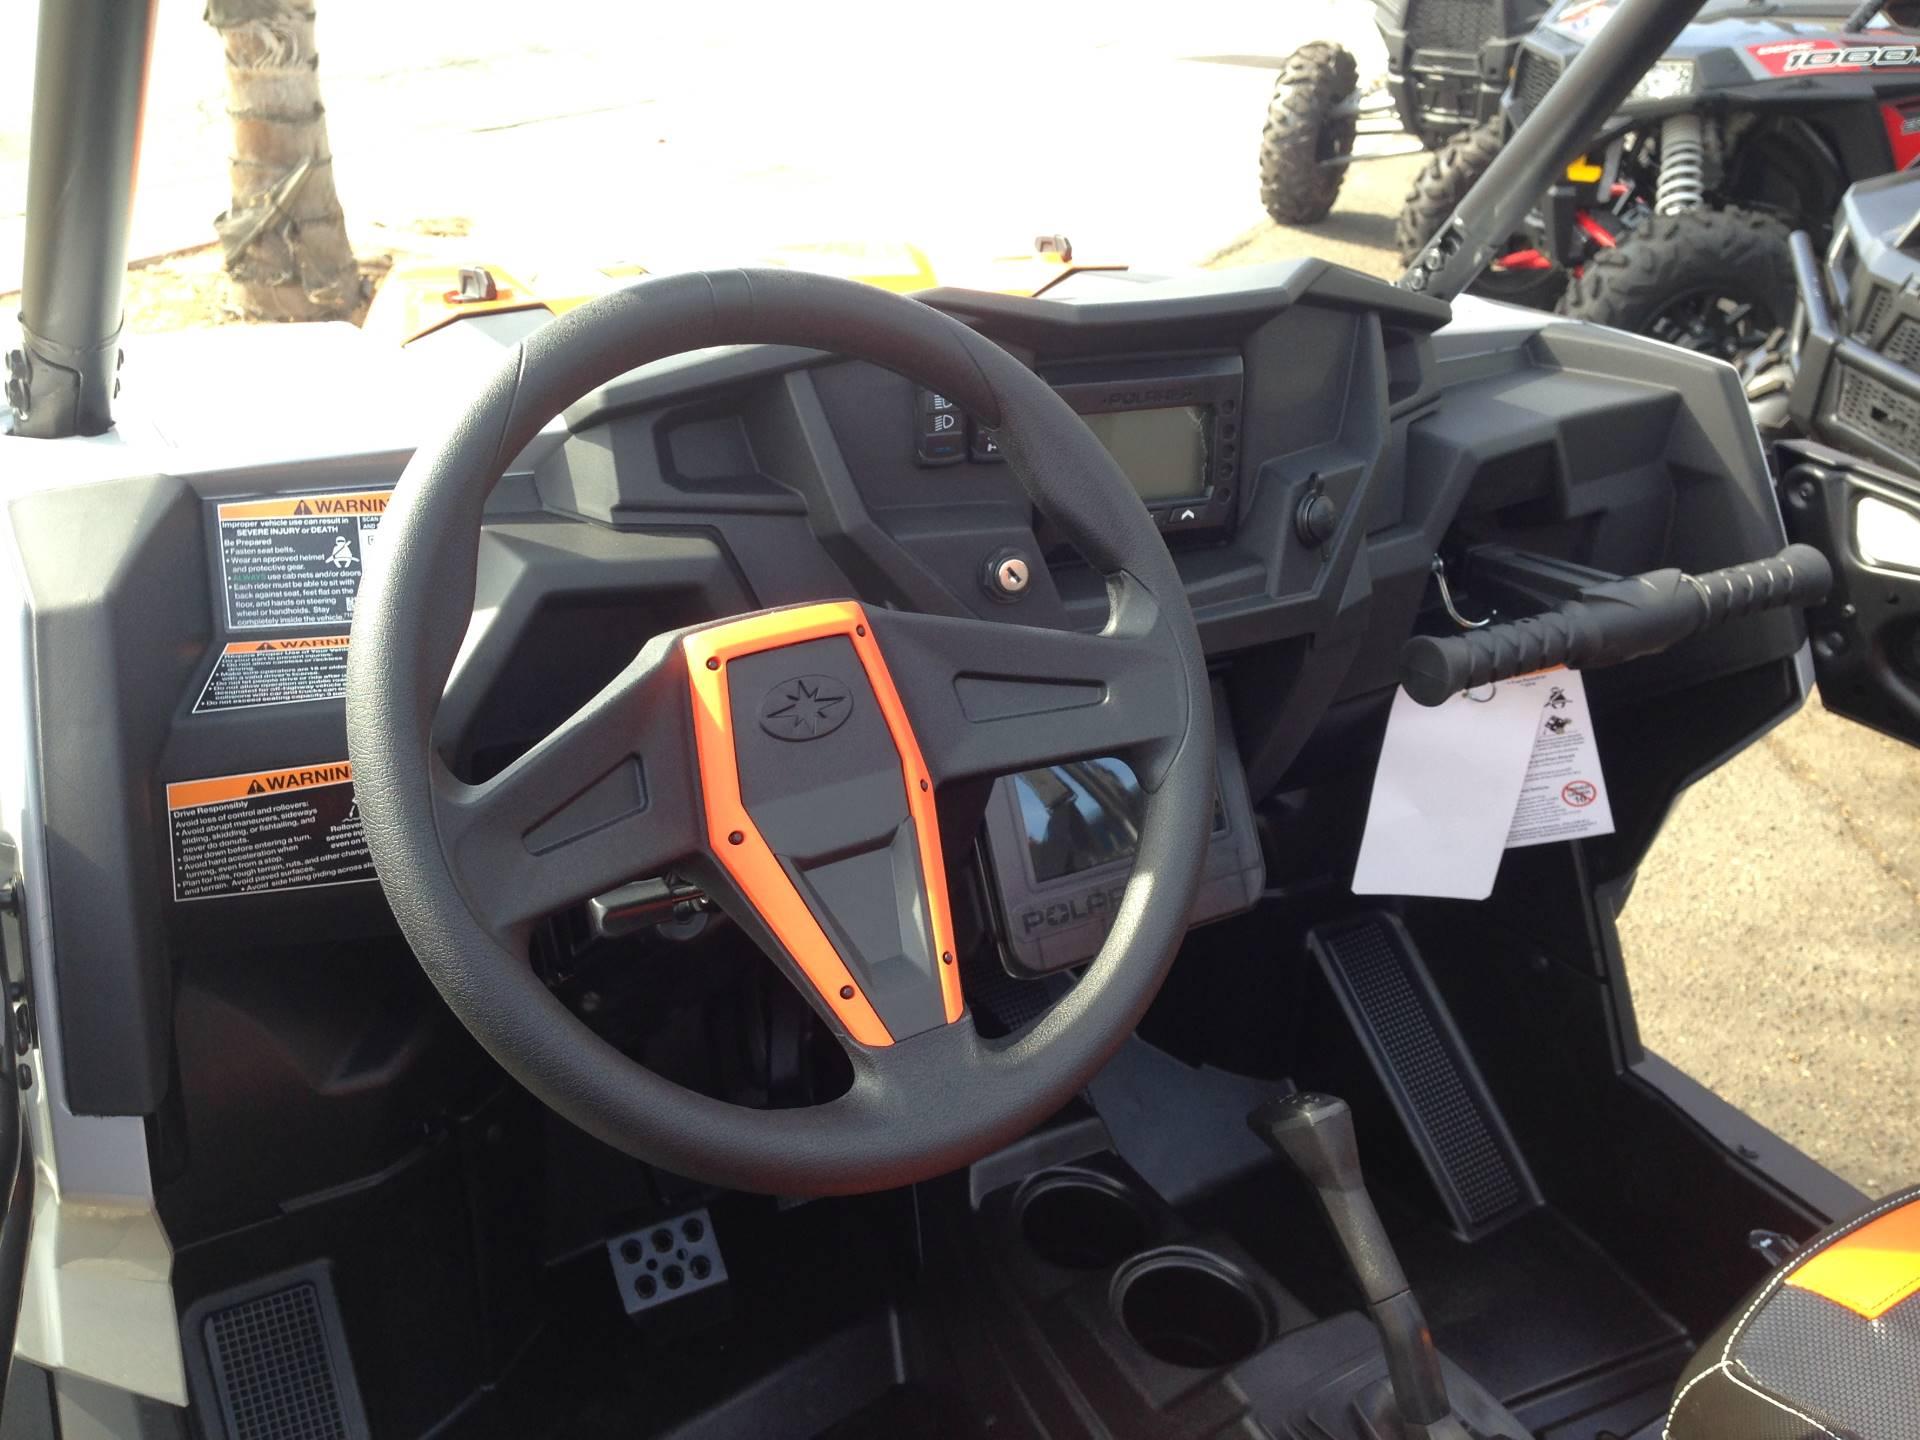 2018 Polaris RZR XP 4 Turbo EPS 4